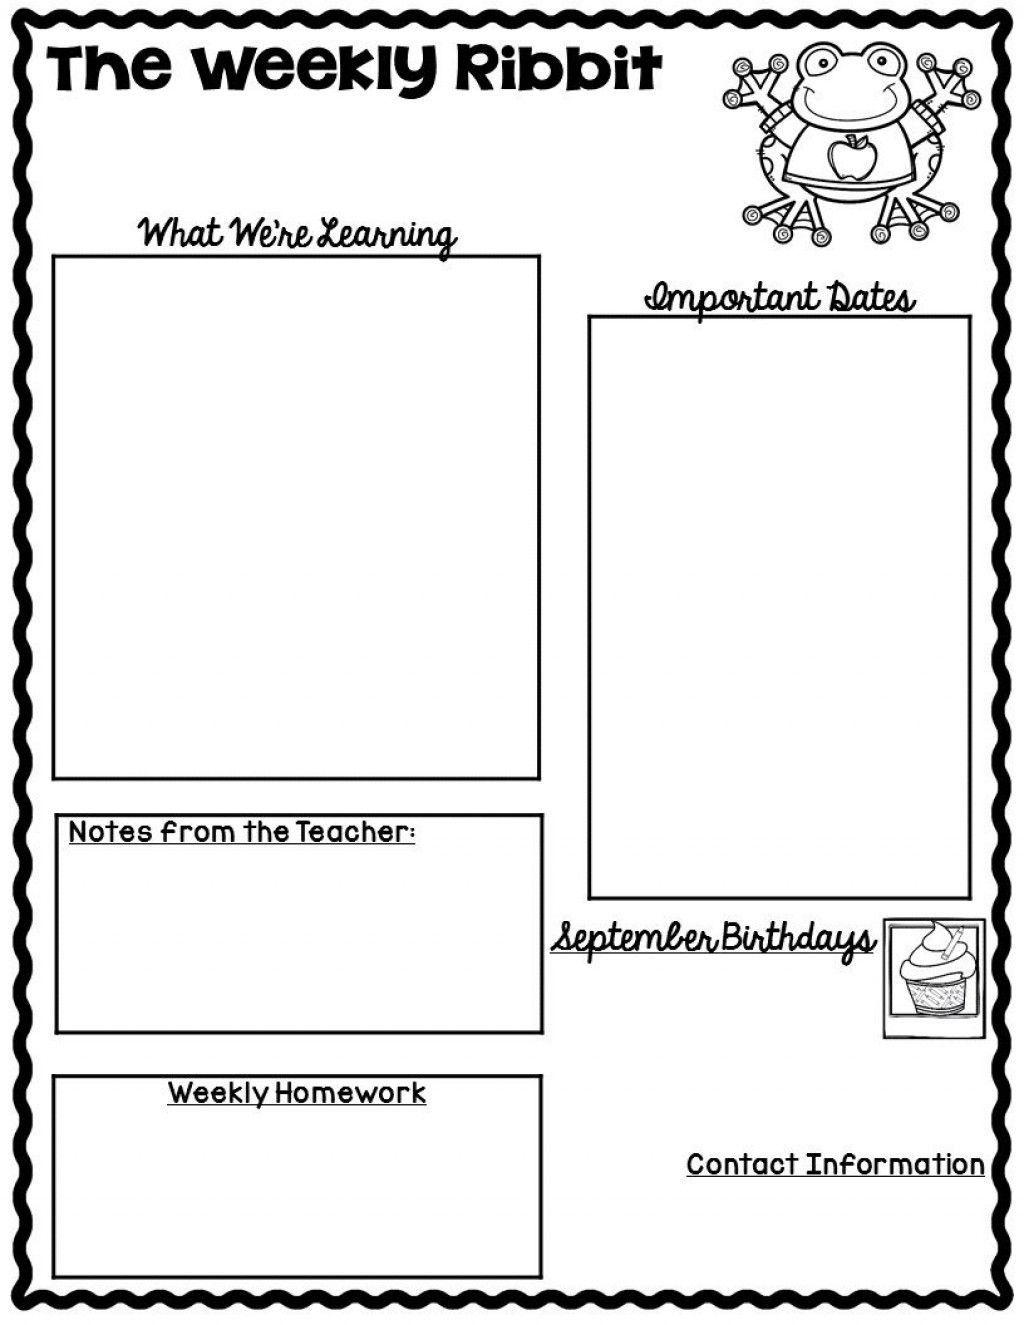 003 Singular Weekly Newsletter Template For Teacher Free Highest Quality Full